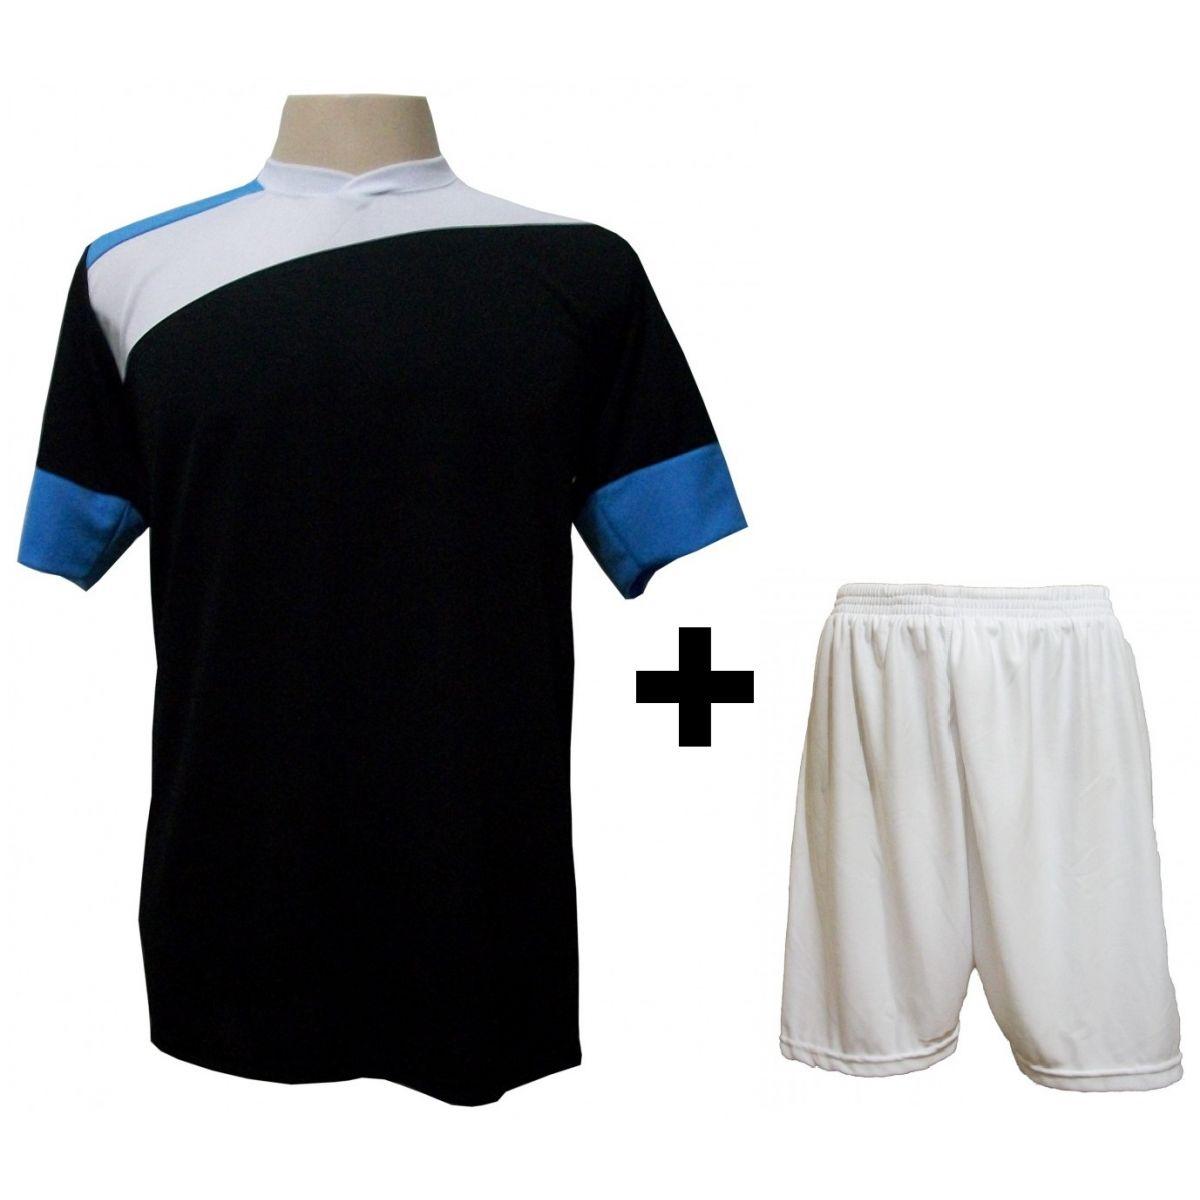 Uniforme Esportivo com 14 camisas modelo Sporting Preto/Branco/Celeste + 14 calções modelo Madrid Branco + Brindes